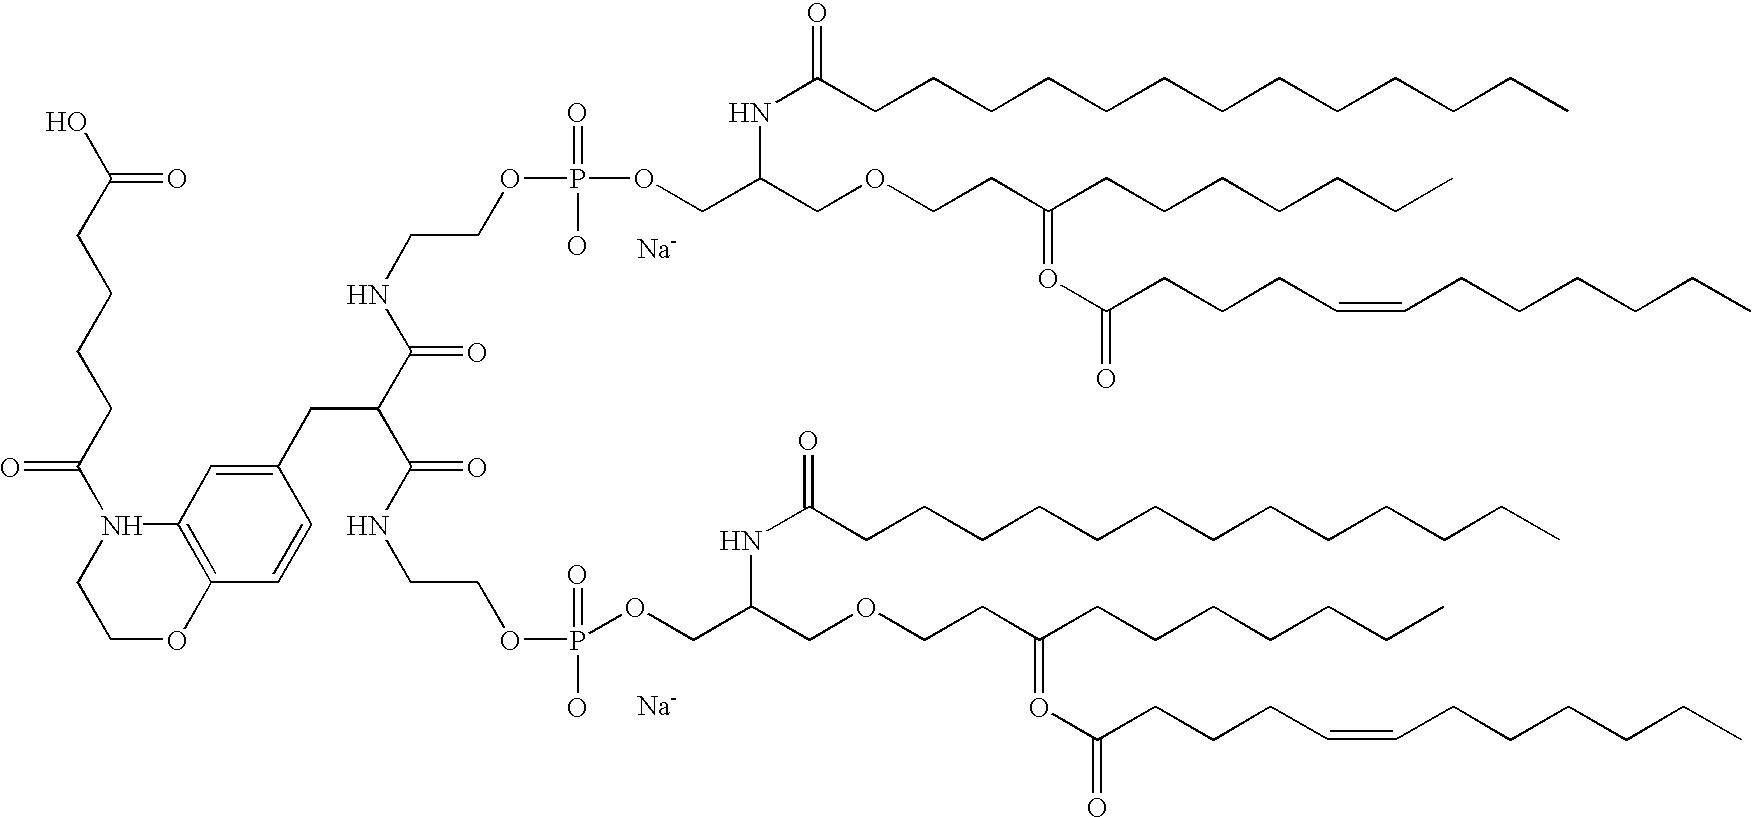 Figure US06551600-20030422-C00192